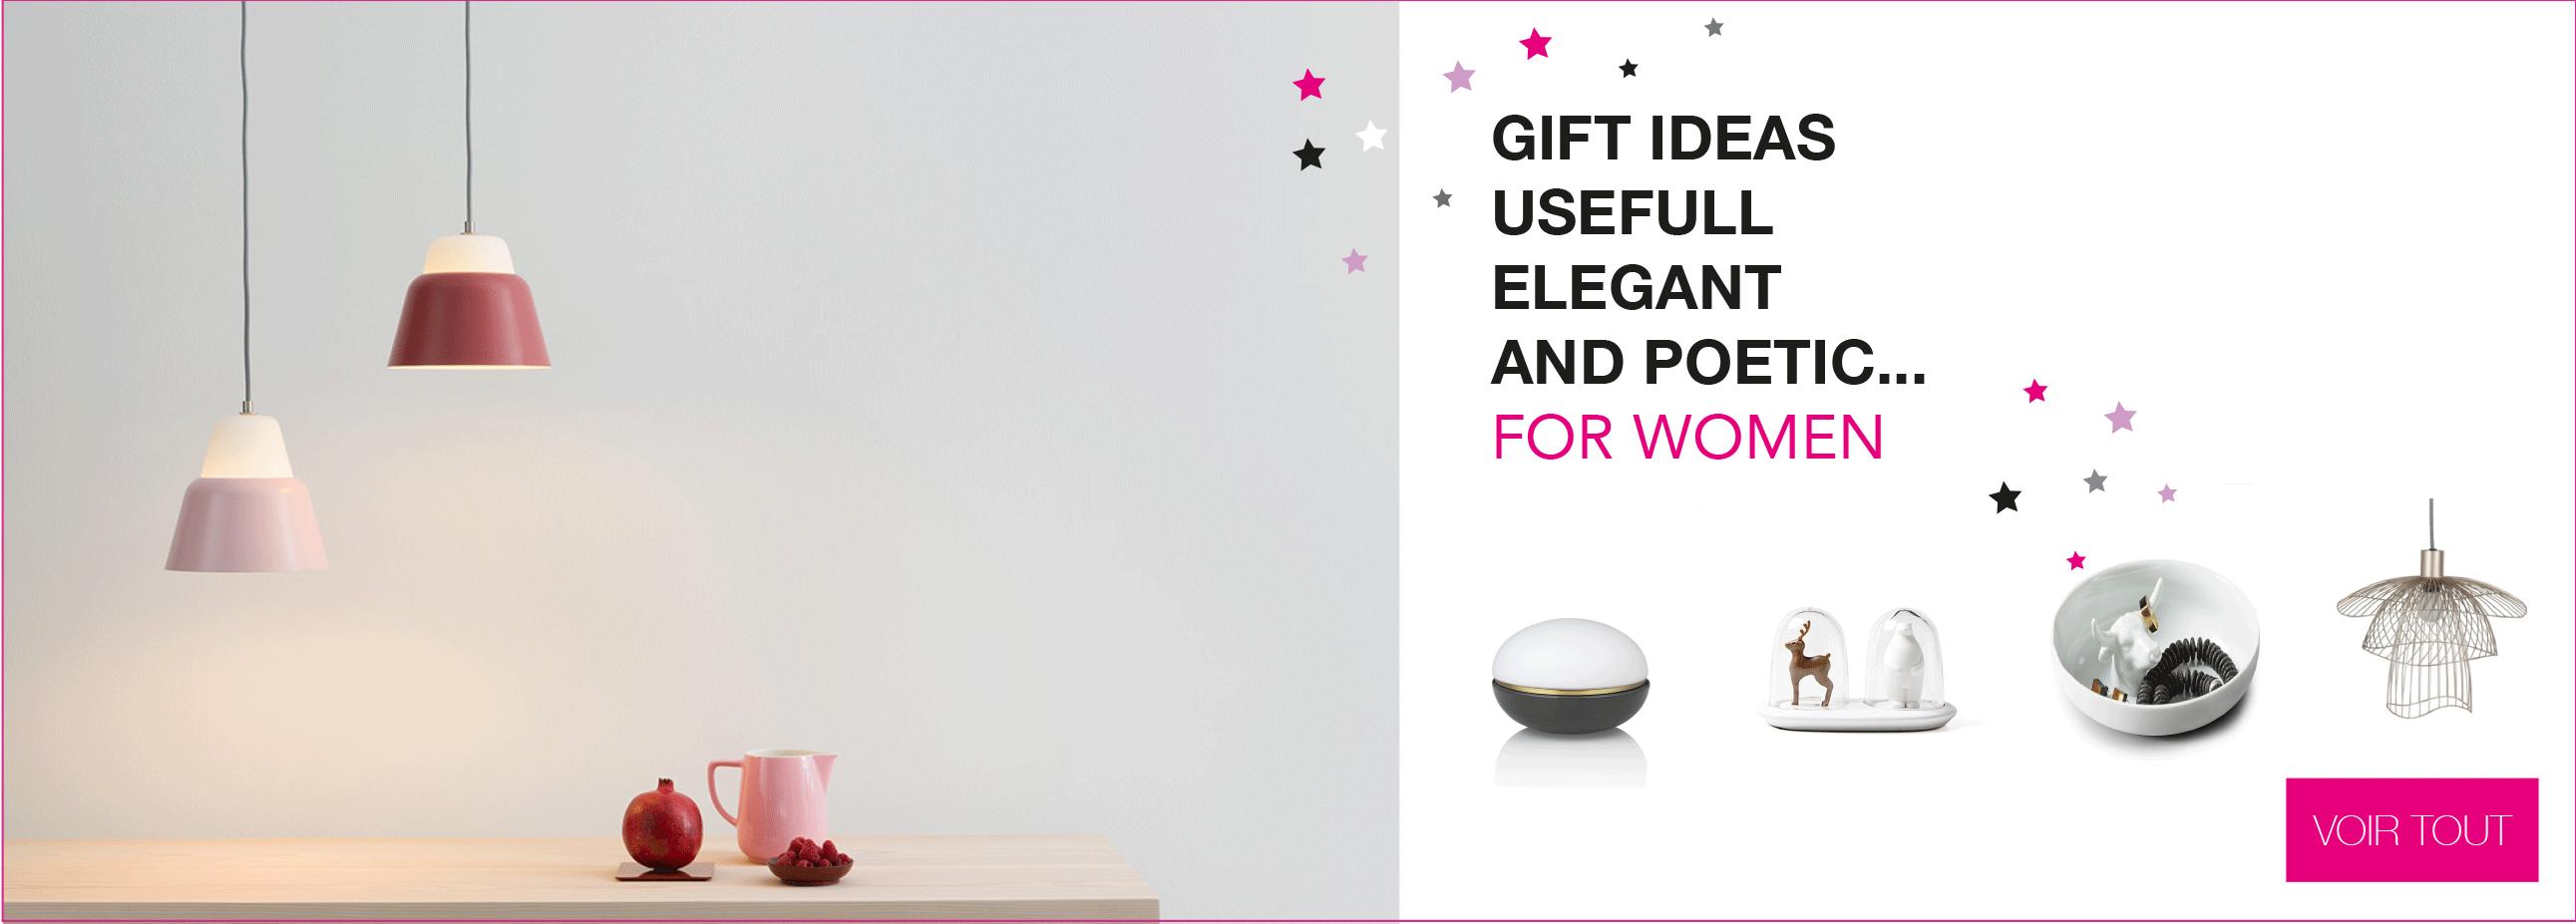 Gift Ideas for women - Christmas 2017